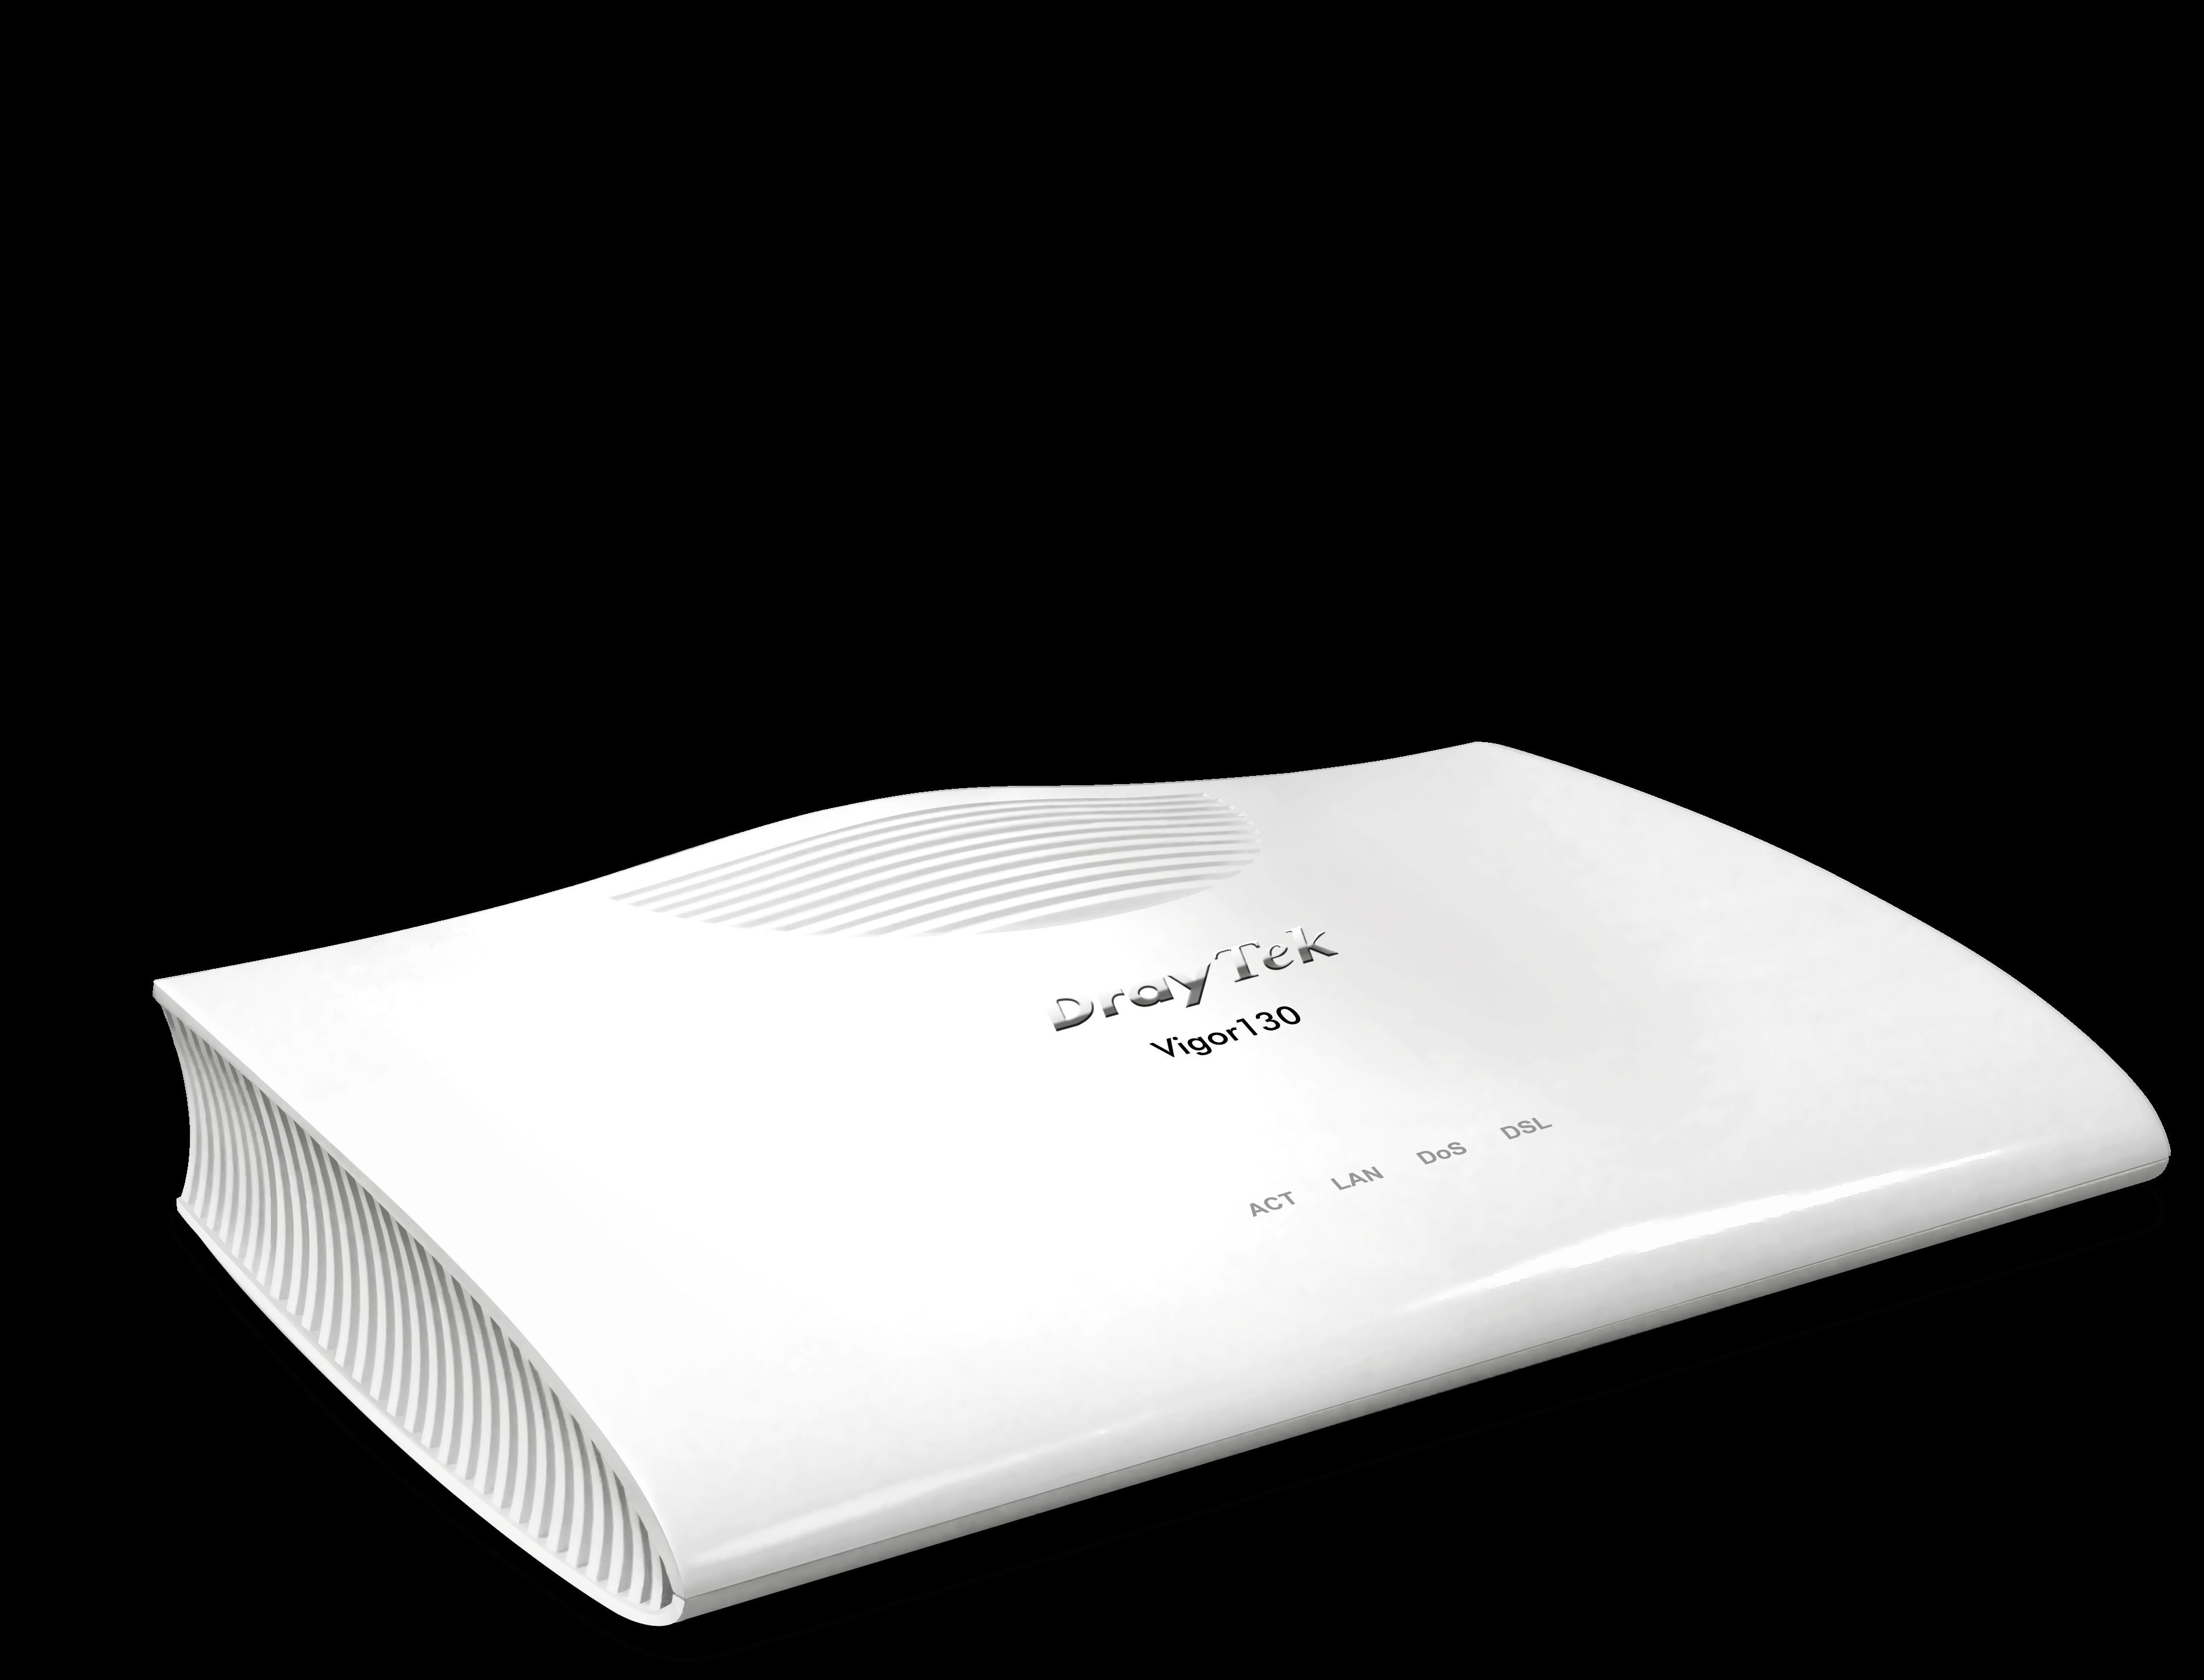 welchen wlan router und welches vdsl modem kaufen. Black Bedroom Furniture Sets. Home Design Ideas